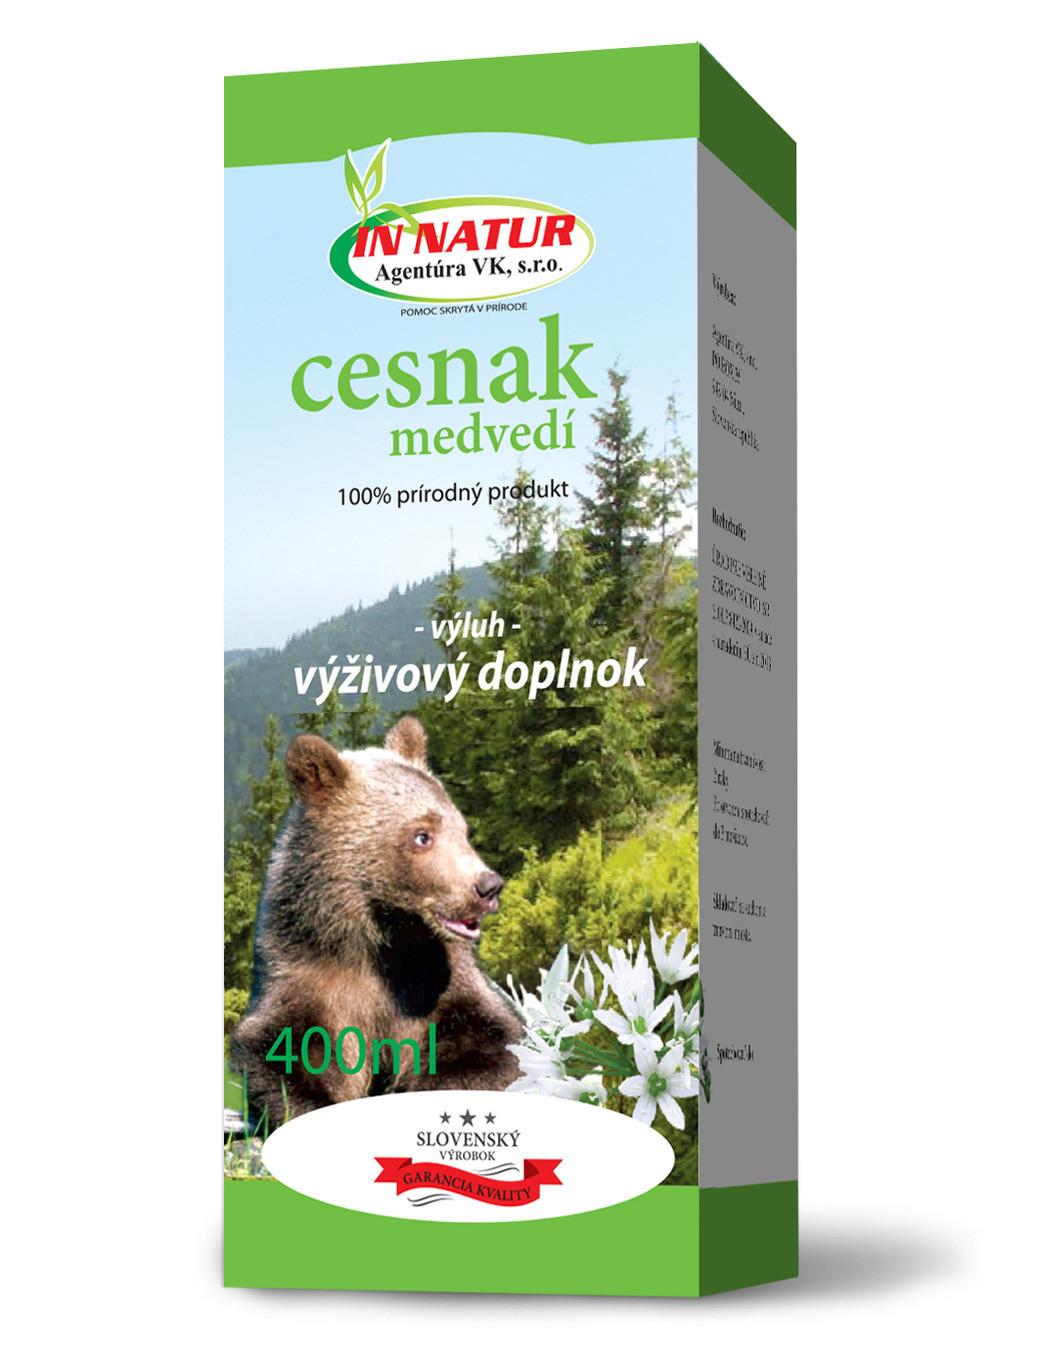 Výluh z cesnaku medvedieho